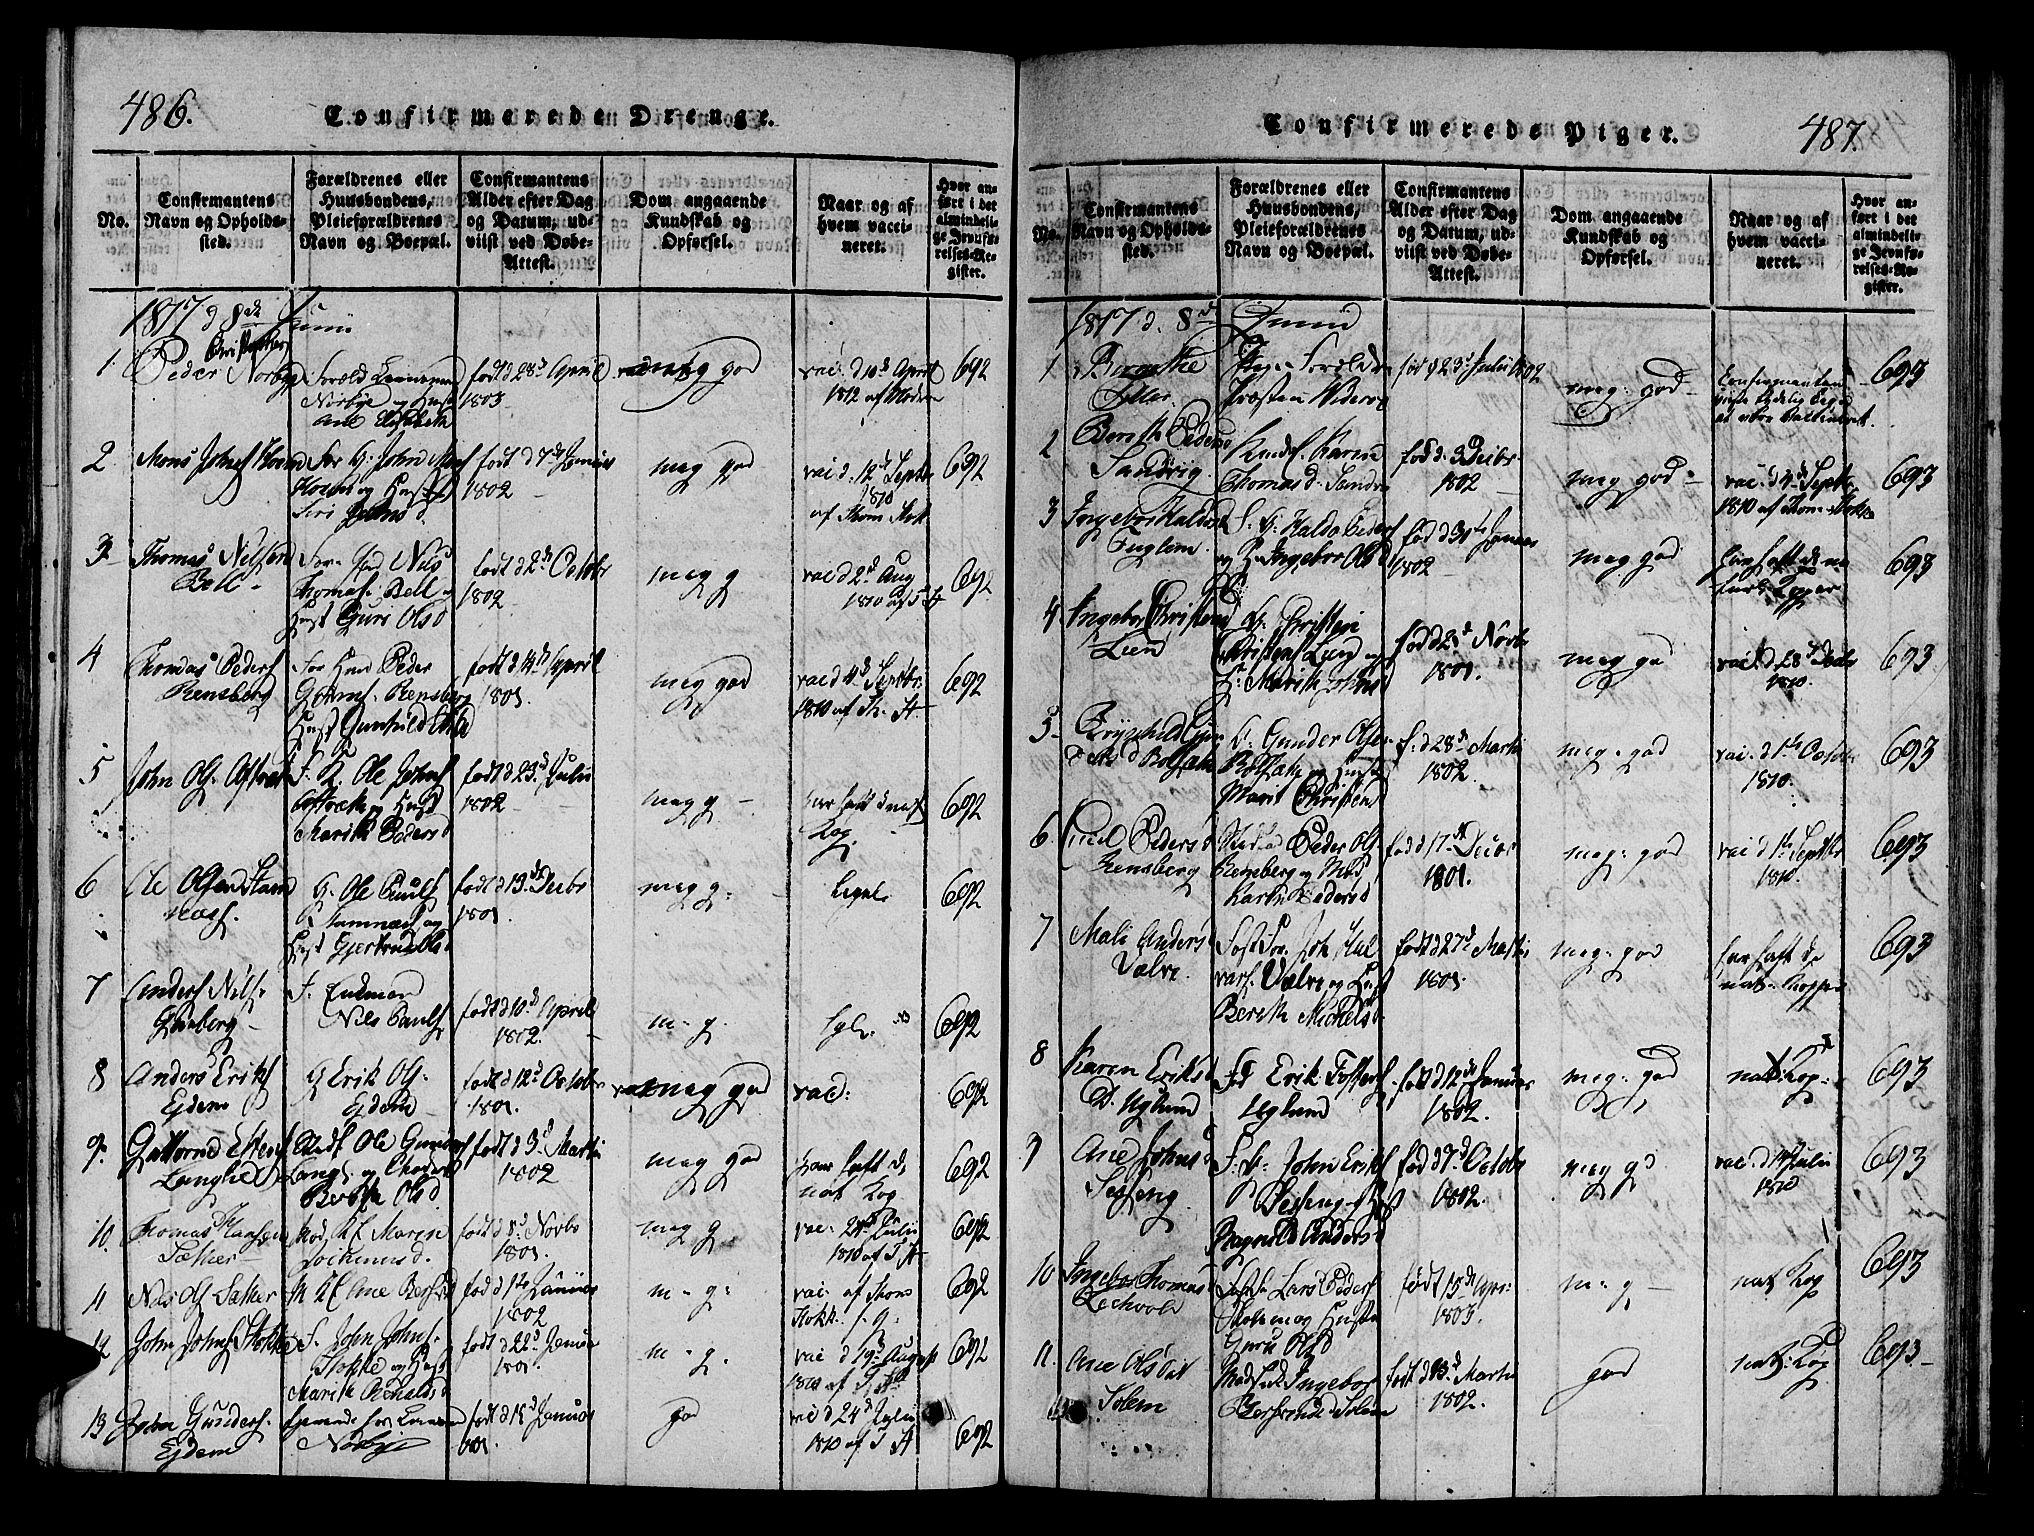 SAT, Ministerialprotokoller, klokkerbøker og fødselsregistre - Sør-Trøndelag, 695/L1141: Ministerialbok nr. 695A04 /1, 1816-1824, s. 486-487